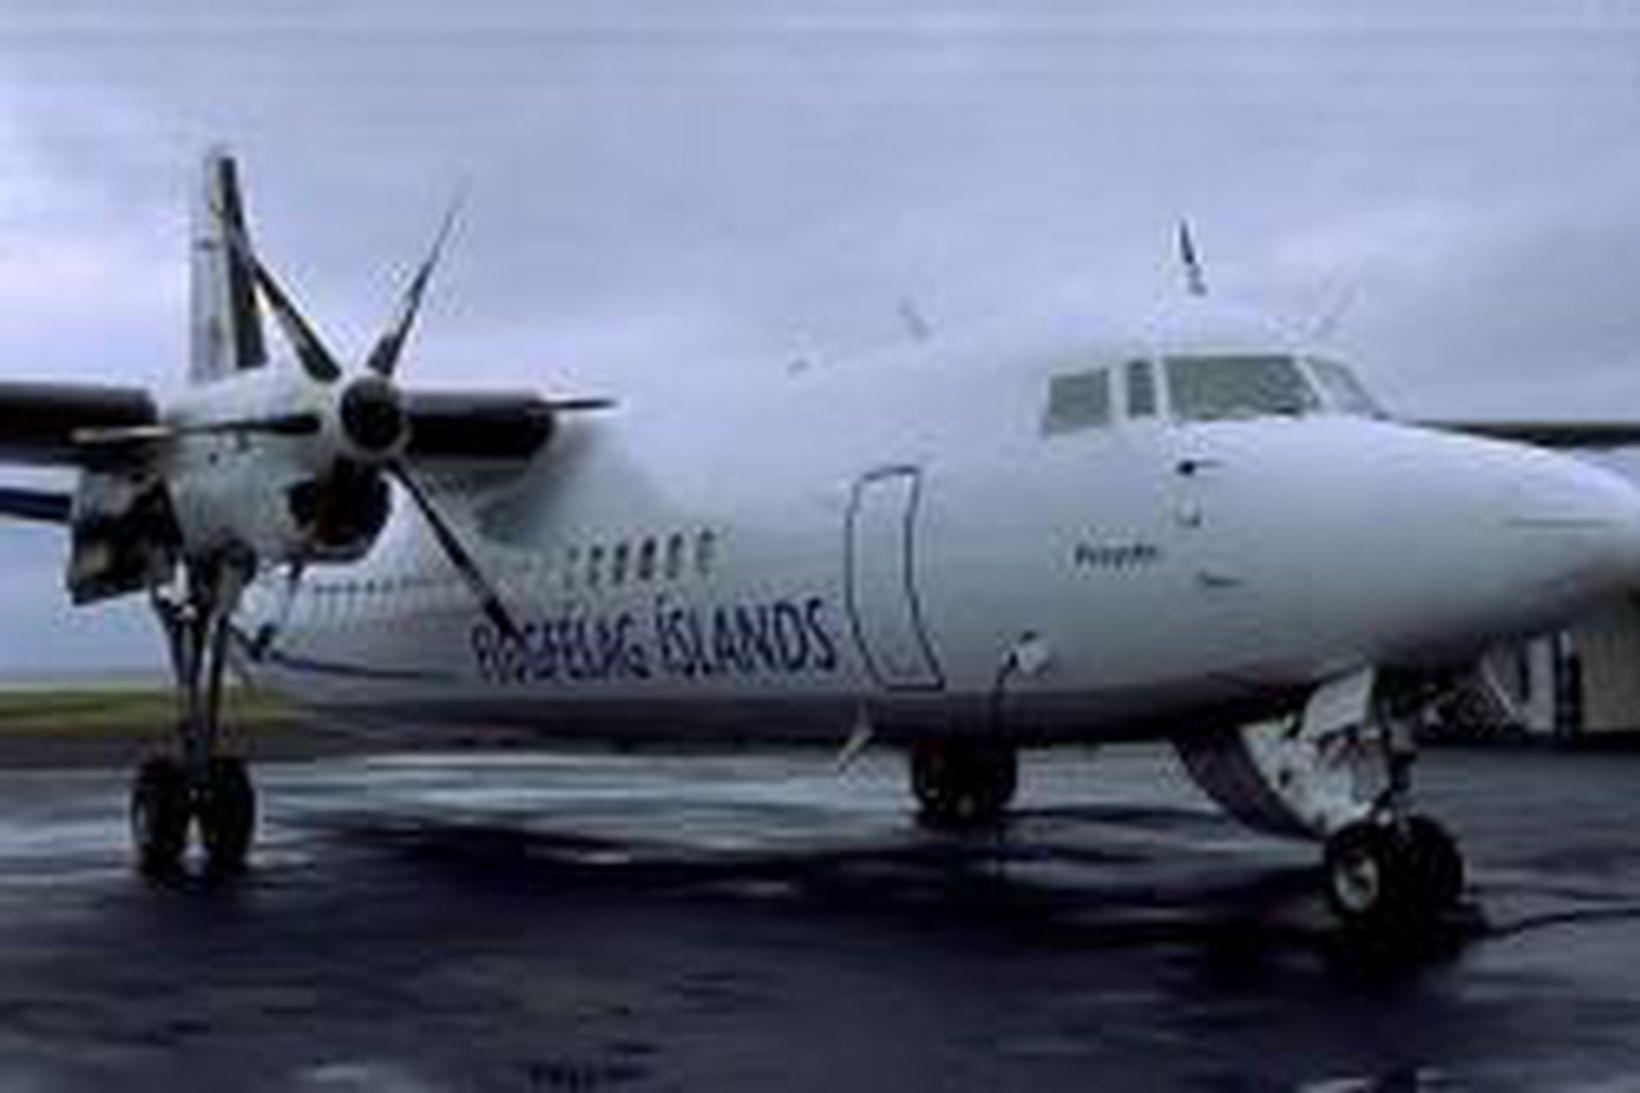 Fokker Flugfélags Íslands.